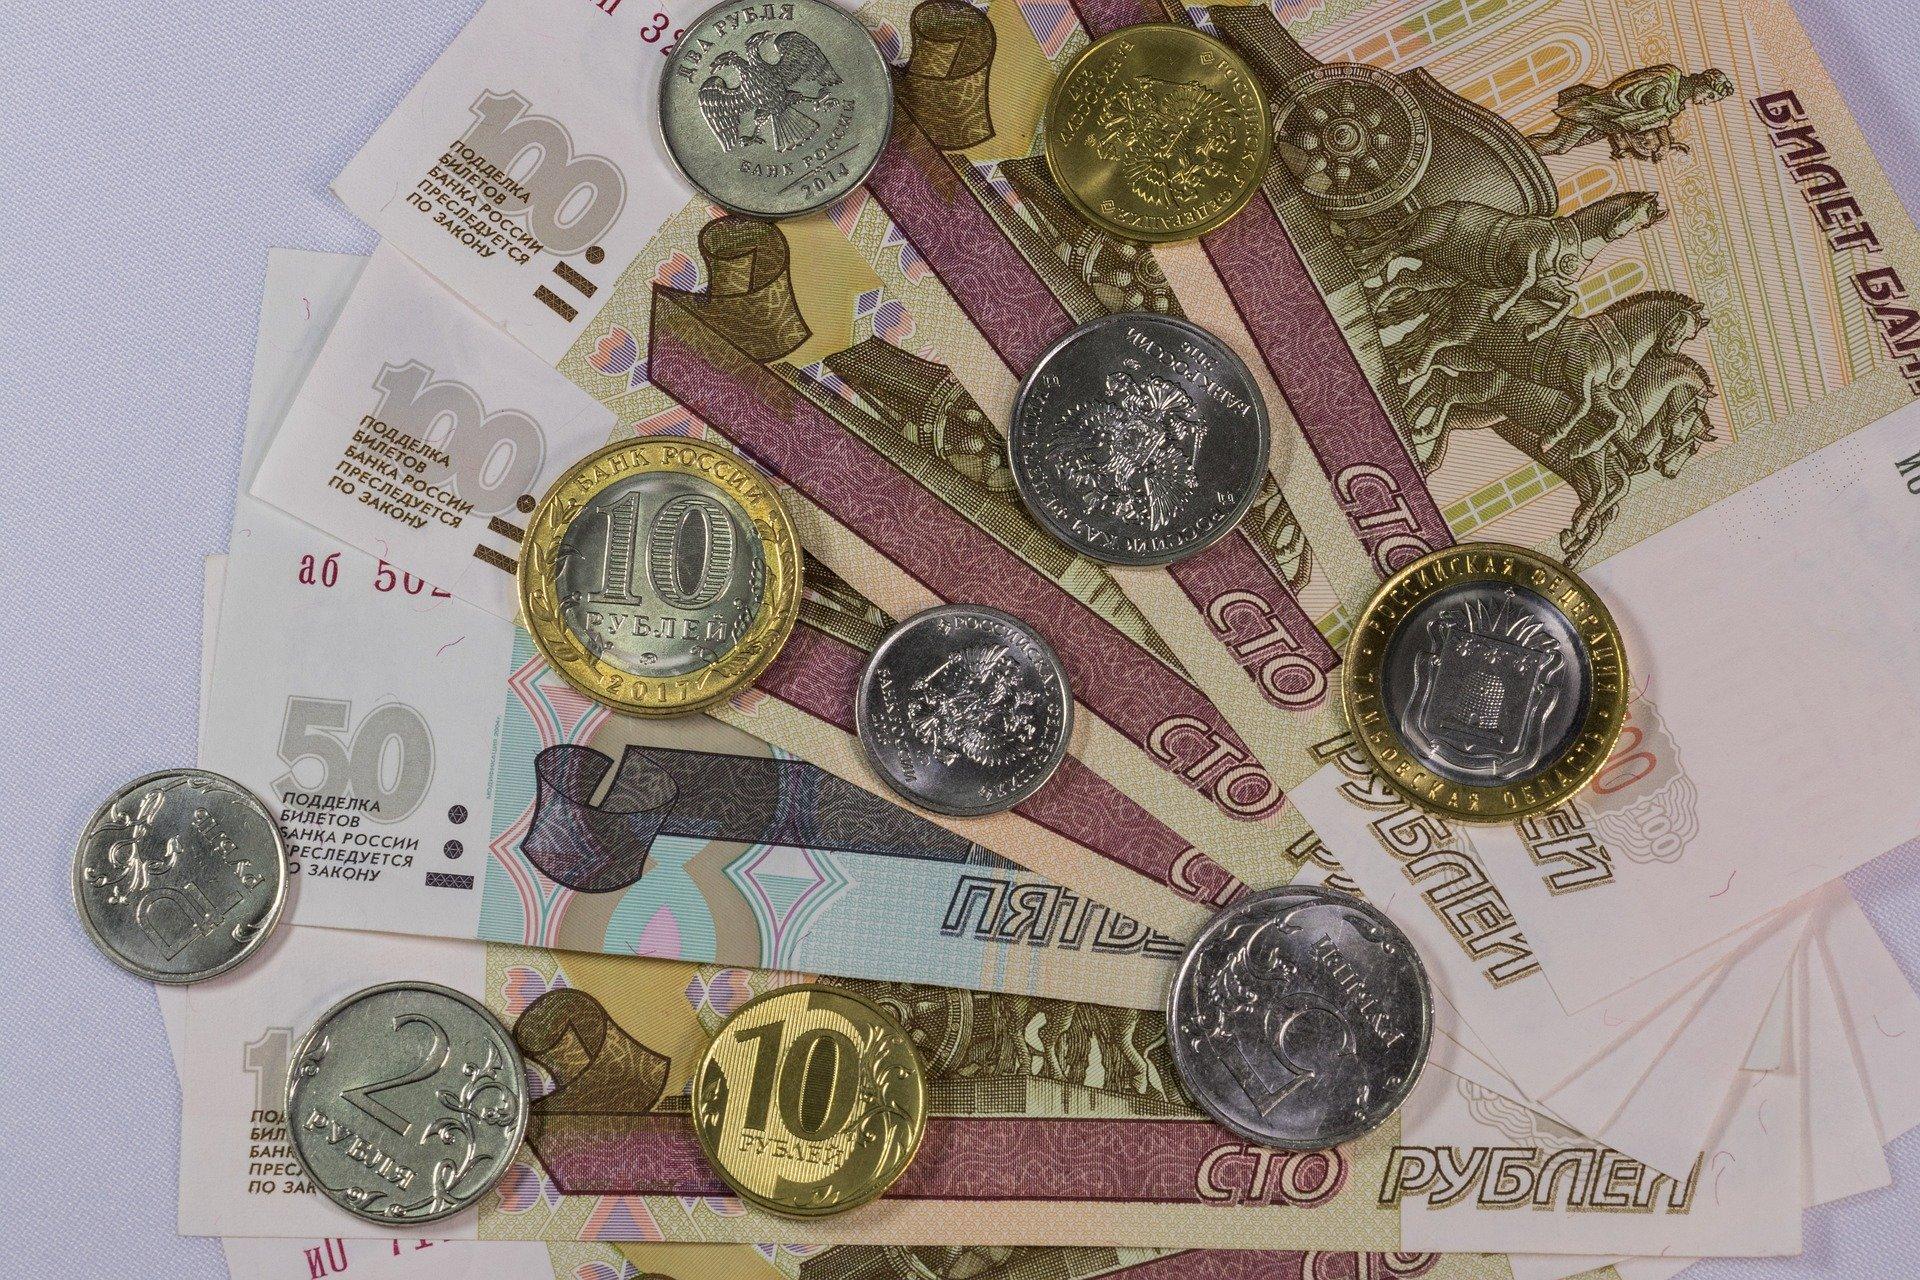 Пособия по безработице в России предложили поднять до уровня прожиточного минимума в регионе